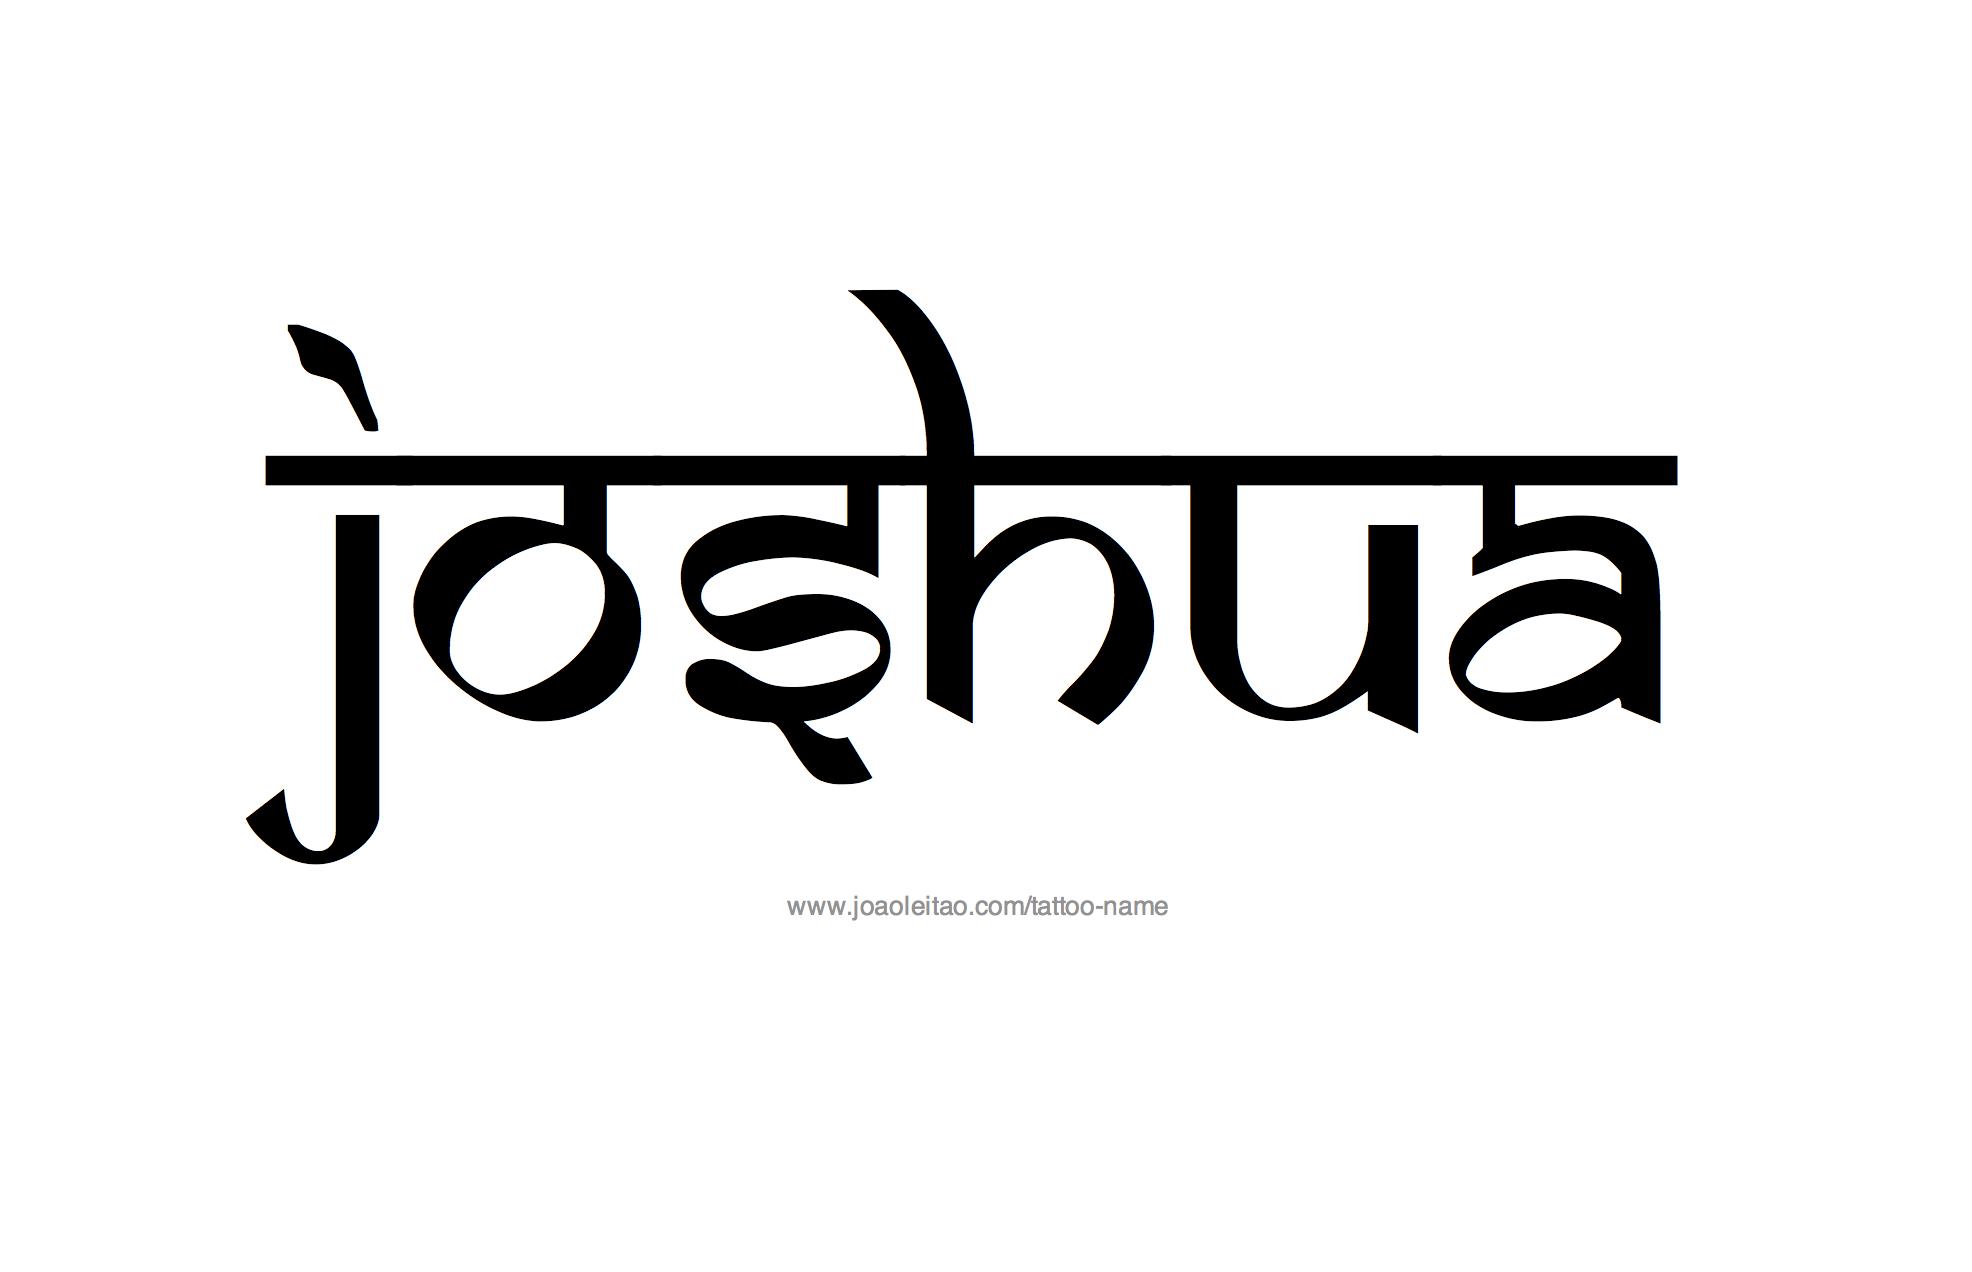 Joshua Name Tattoo Designs Name Tattoo Designs Name Tattoo Name Tattoos